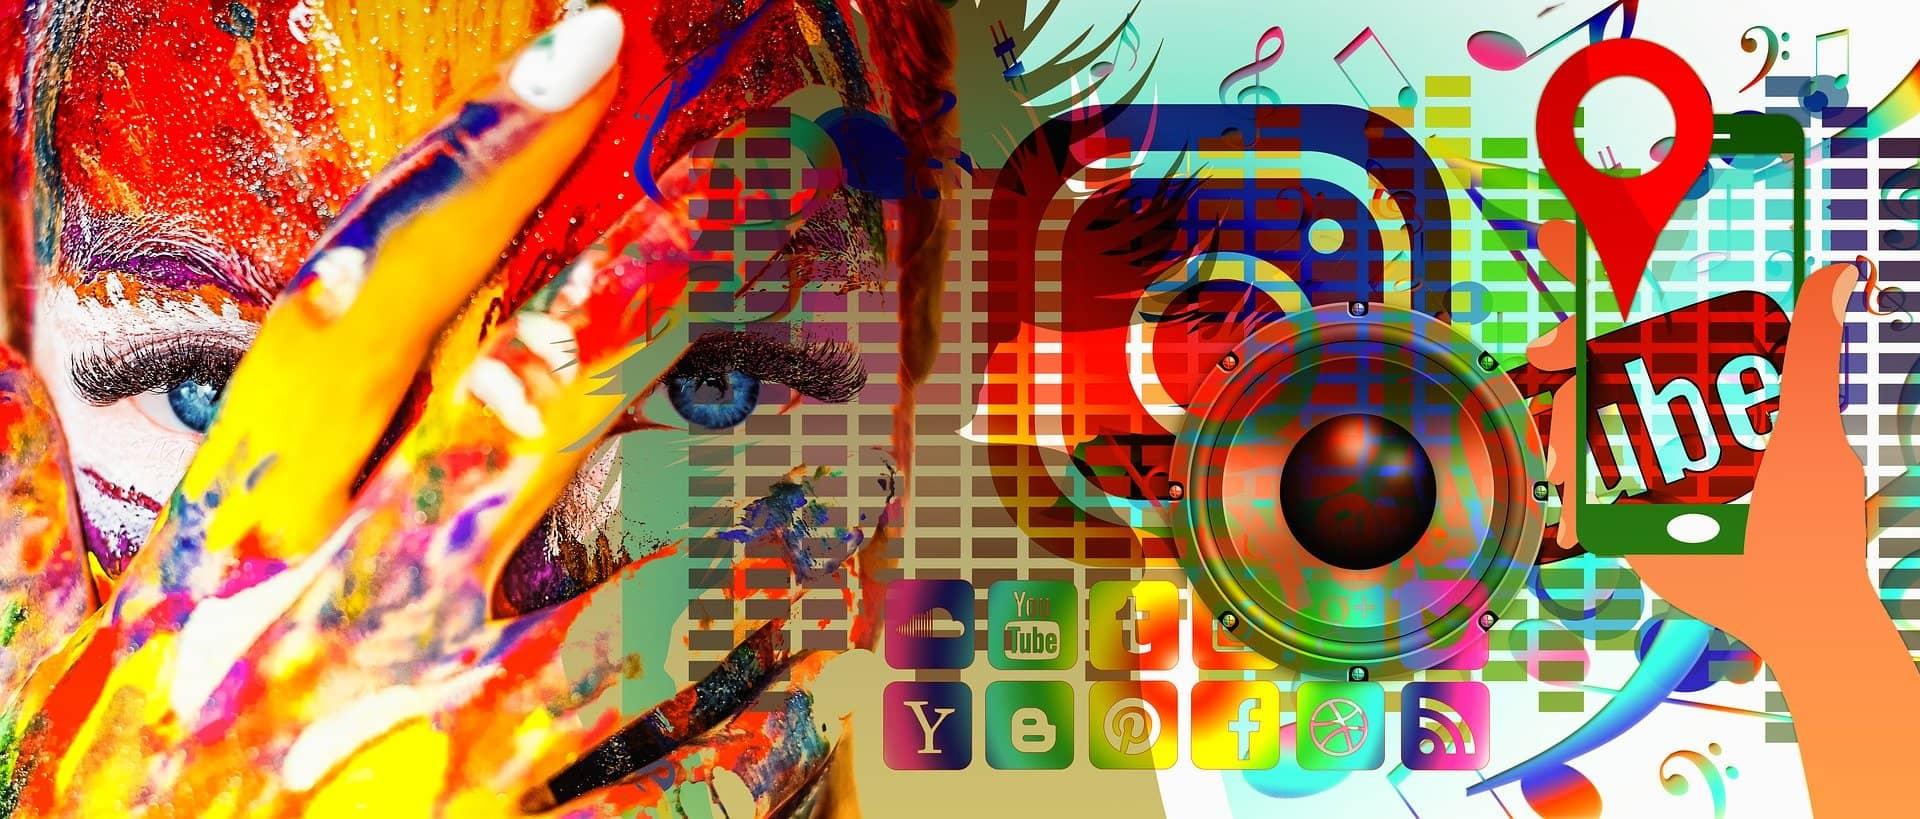 Prestataire réseaux sociaux